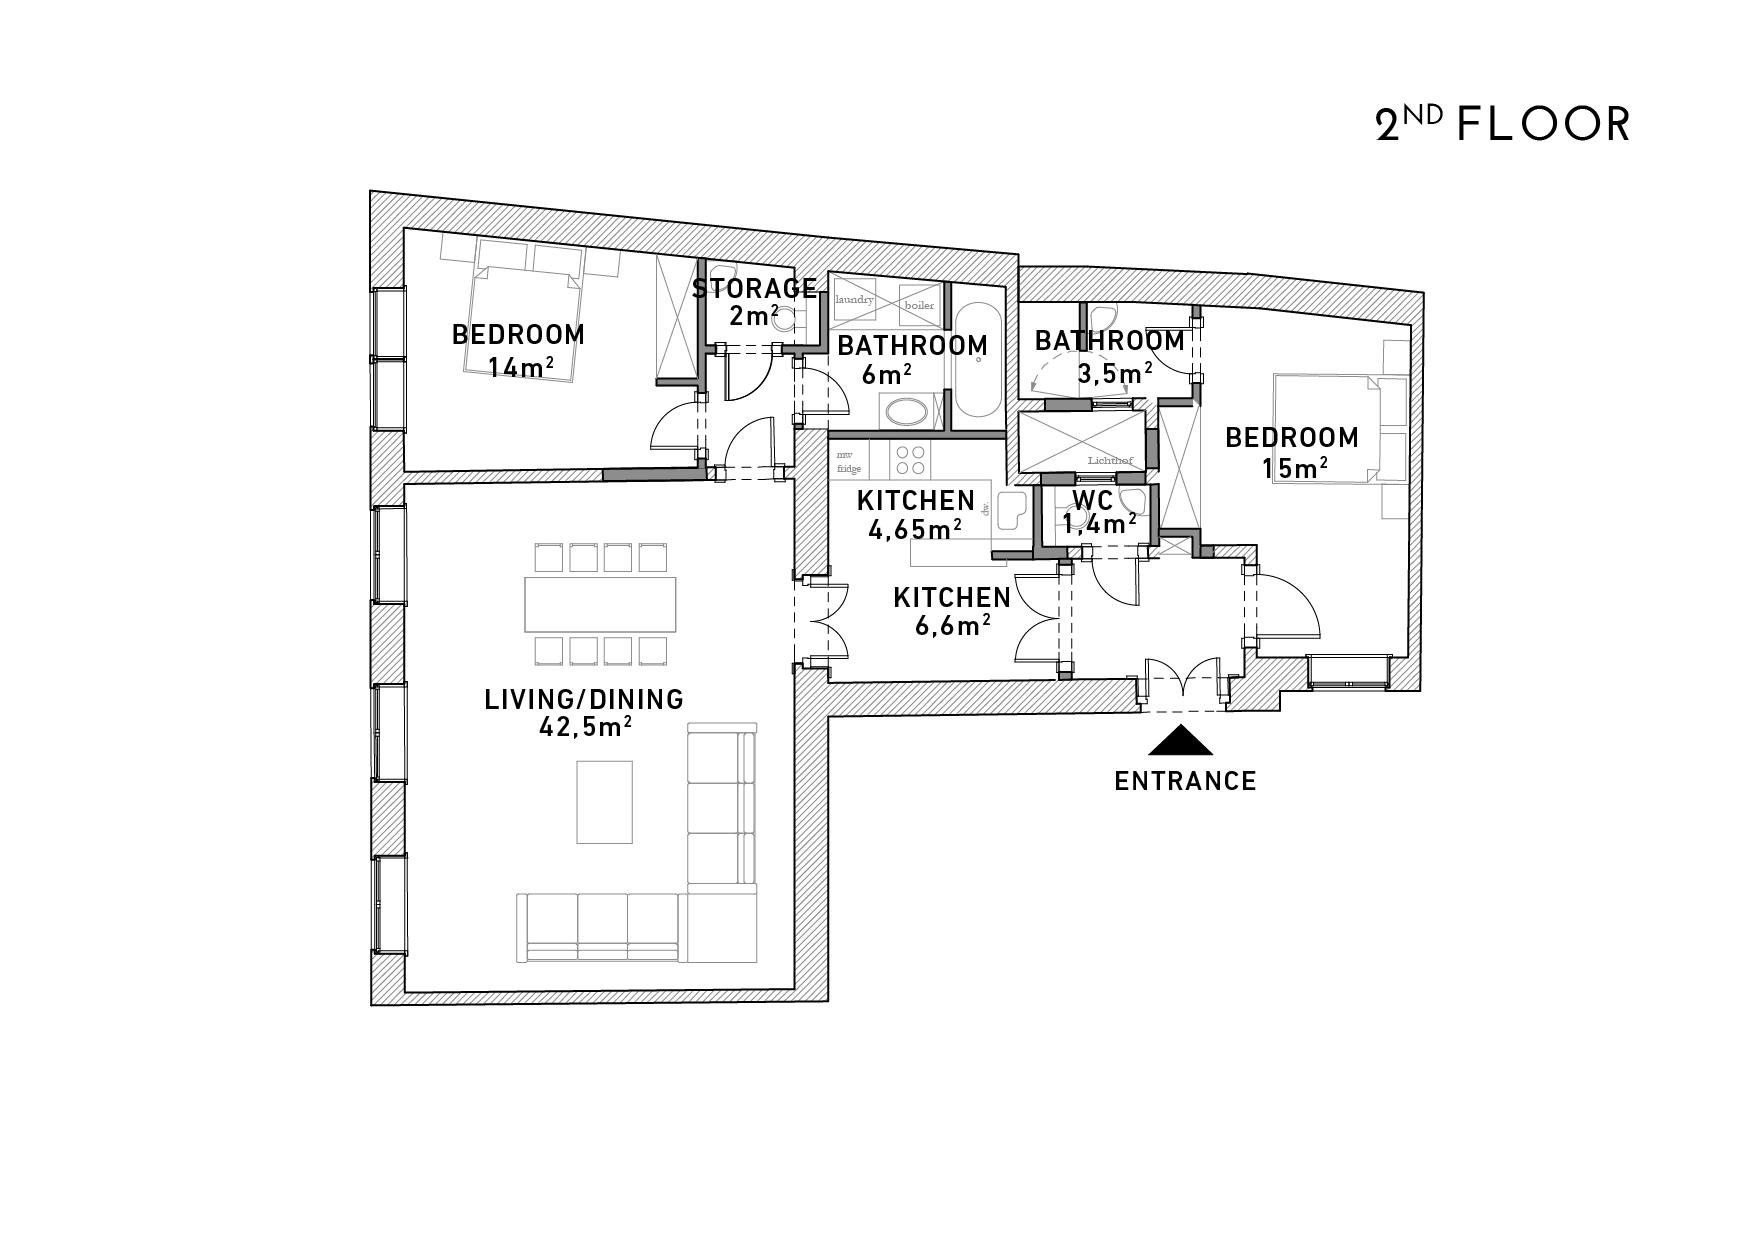 PE16-floorplan11-02.jpg